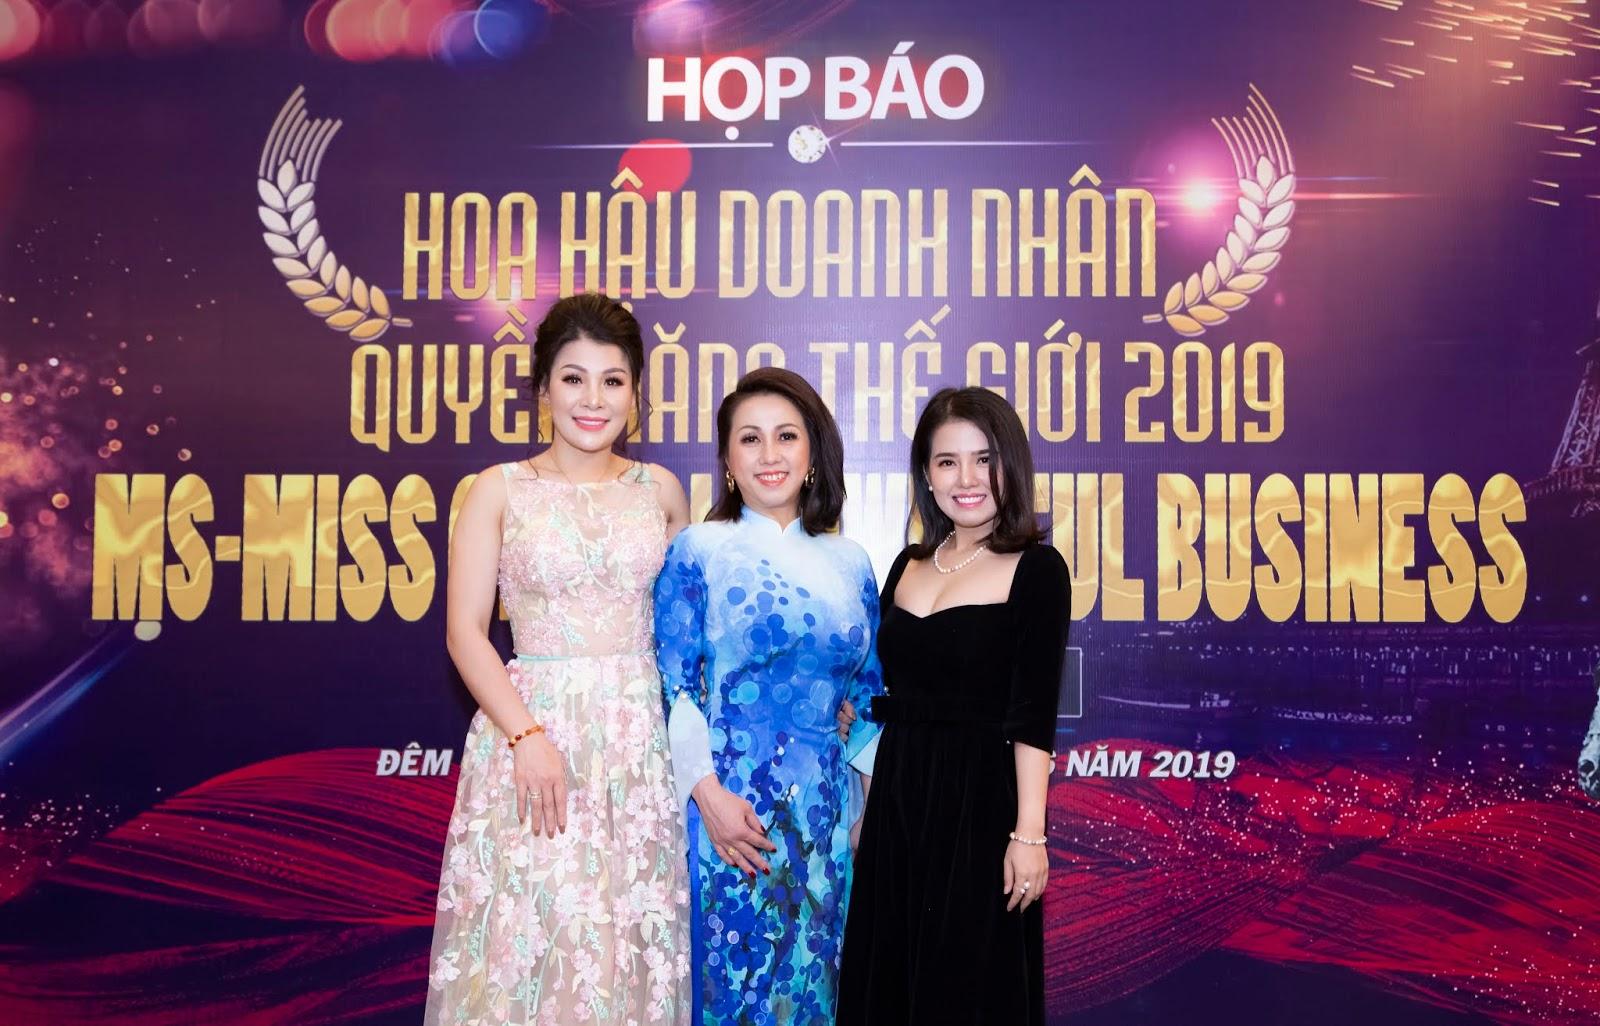 Mới nửa đầu năm 2019 Việt Nam đã có nhiều danh hiệu Hoa hậu 'doanh nhân - quý bà' - Ảnh 3